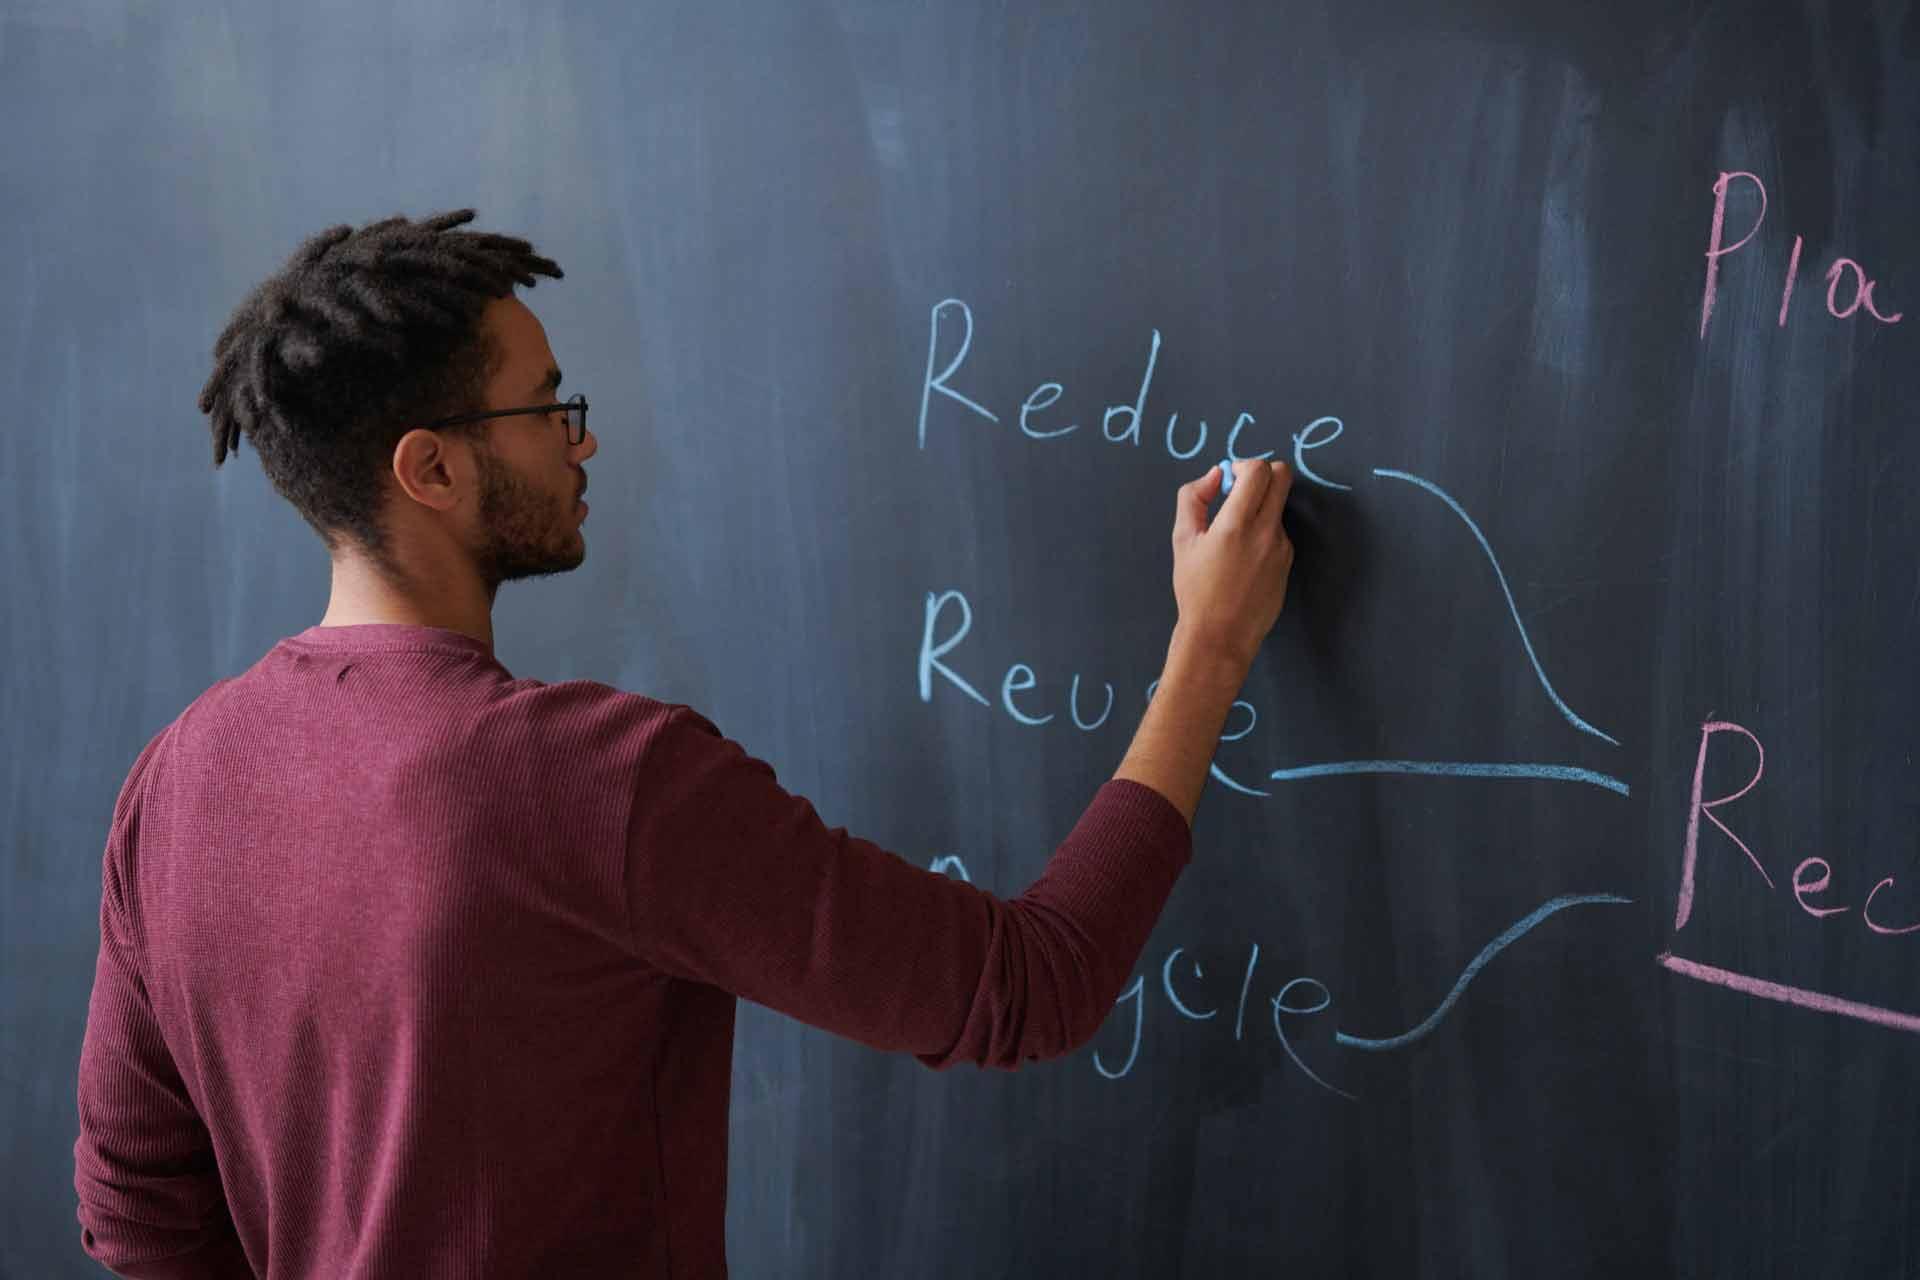 men-writing-on-board-3184633